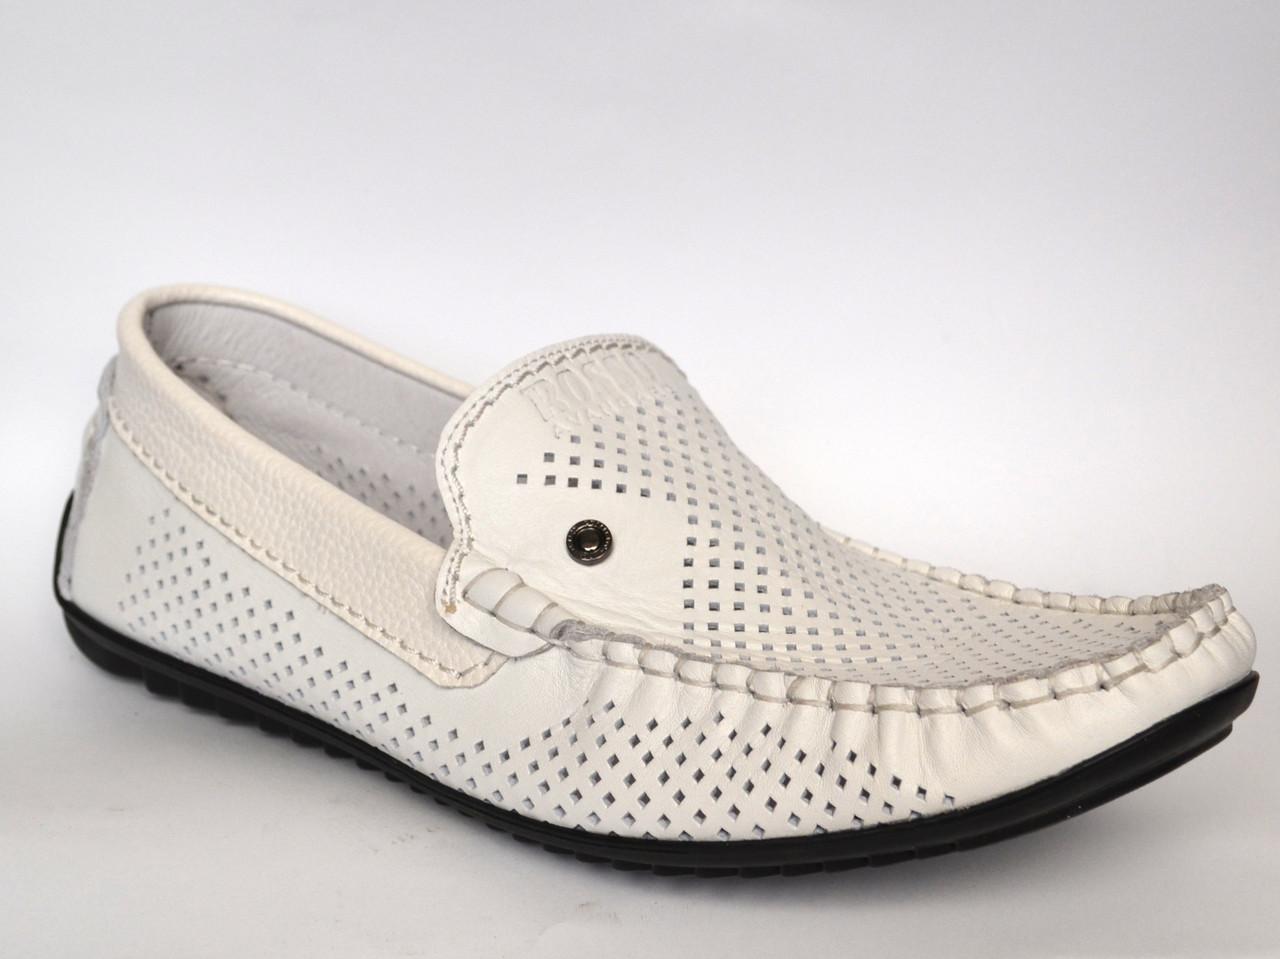 Летние мокасины мужские кожаные белые перфорированные обувь Rosso Avangard M4 PerfWhite